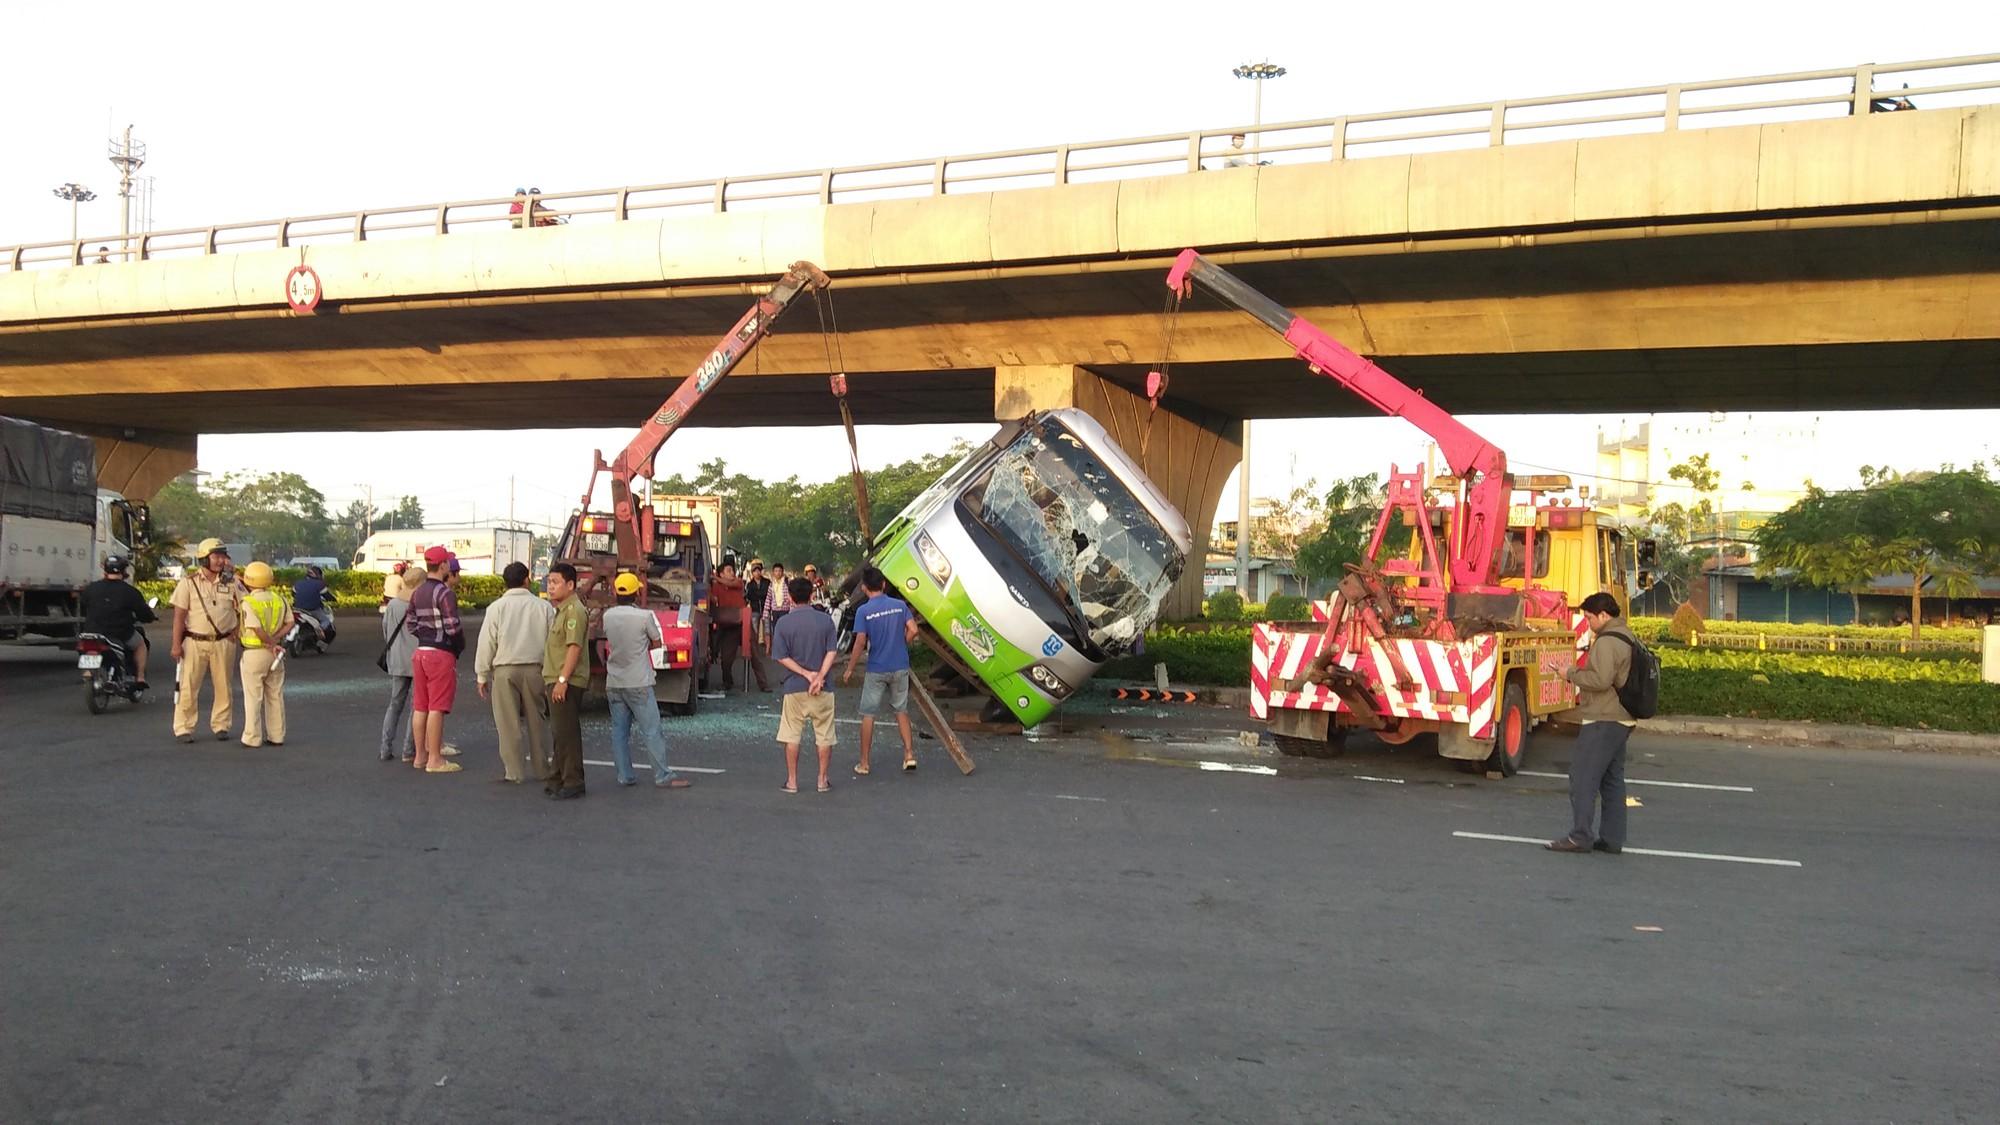 Phá cửa giải cứu gần 10 hành khách la hét thất thanh trong xe khách bị lật ở Sài Gòn 3